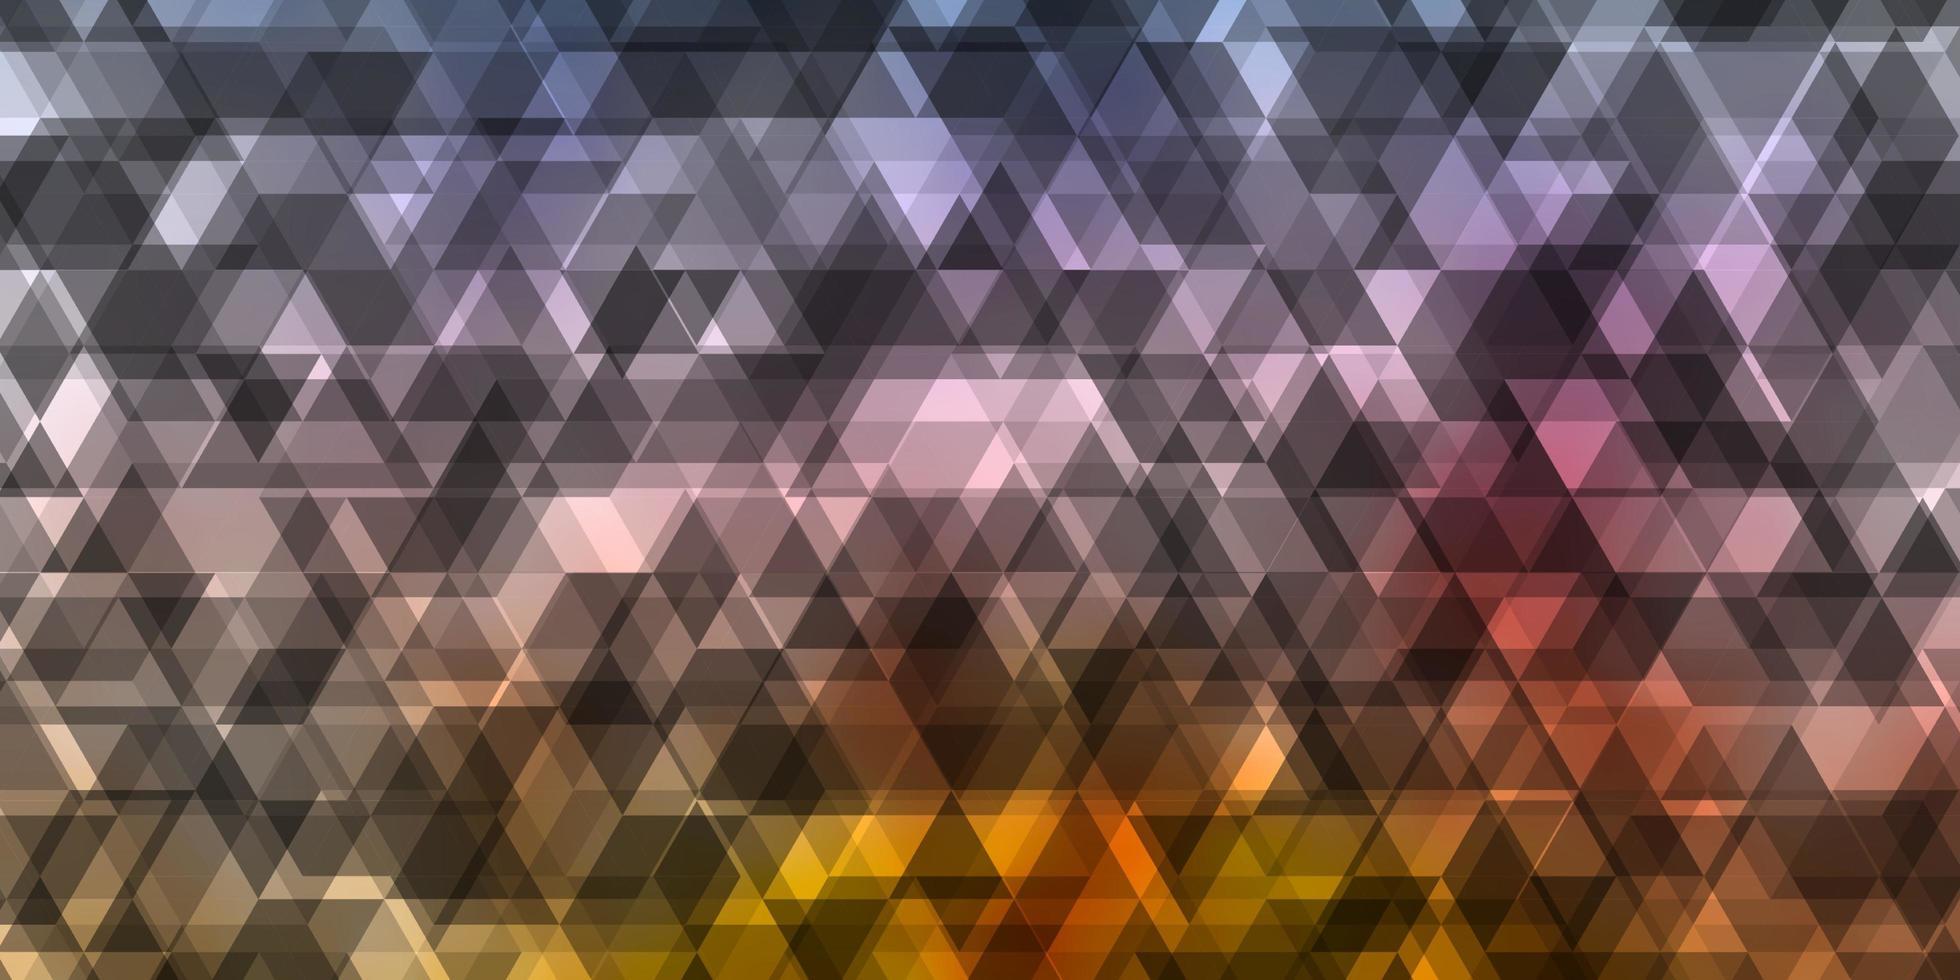 blauwe, paarse en gele achtergrond met driehoeken. vector